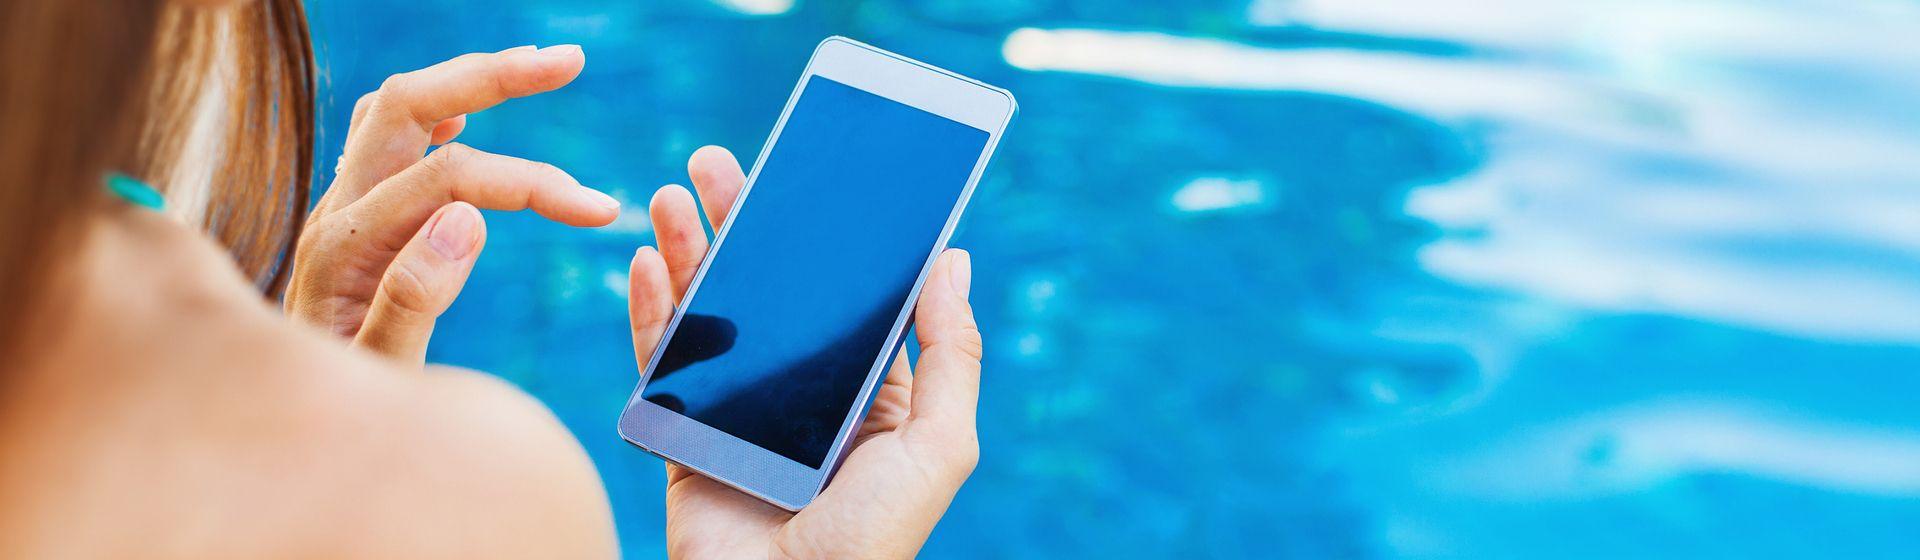 6 celulares à prova d'água para tirar fotos na praia ou piscina no verão 2021